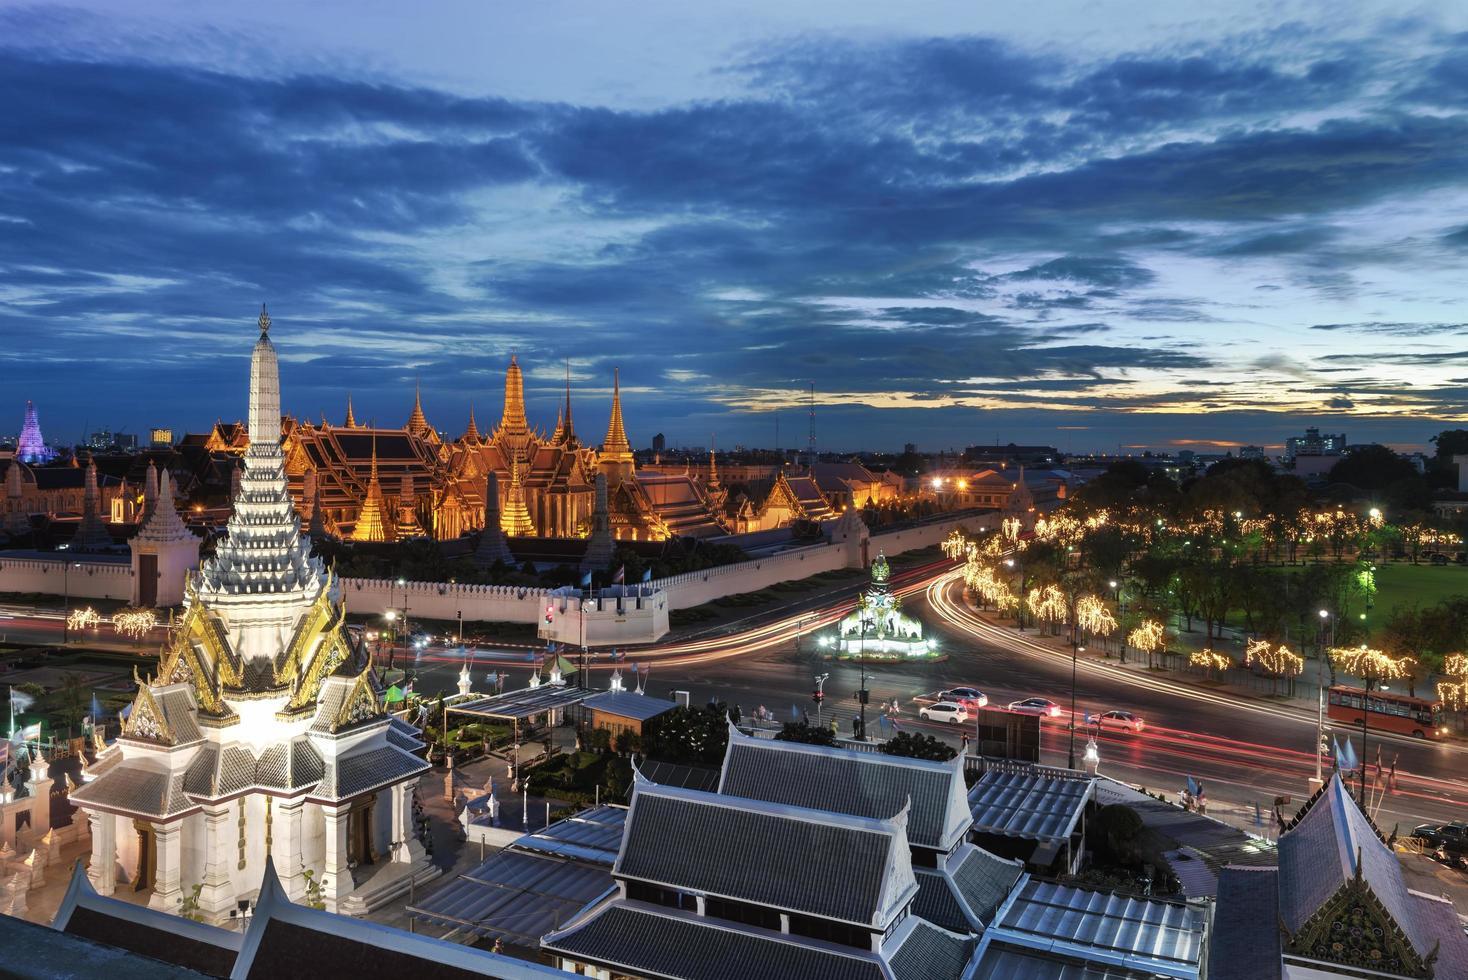 vista nocturna del gran palacio en bangkok foto